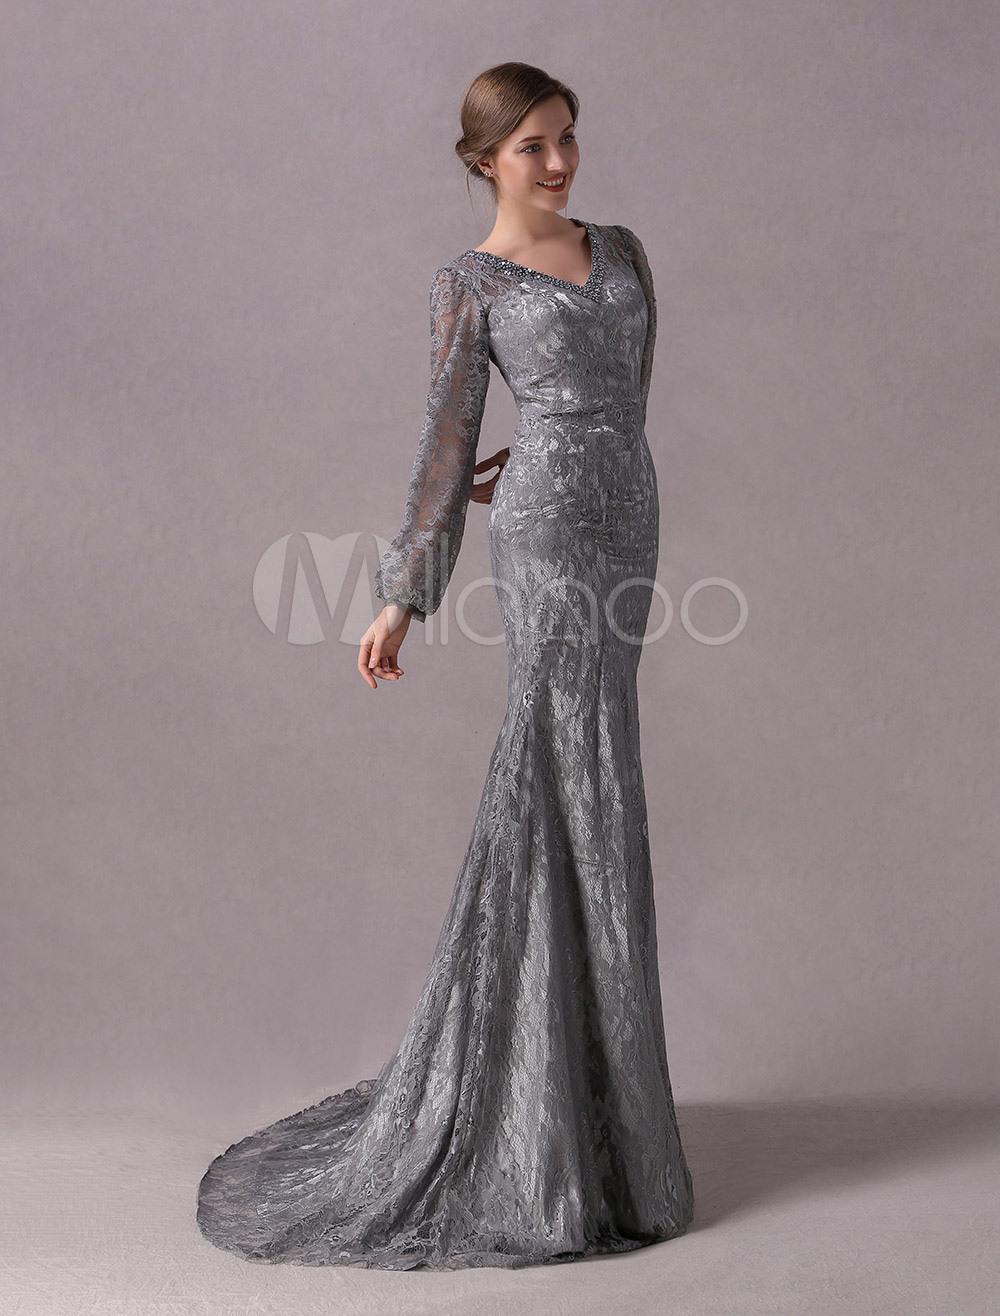 Kreativ Kleid Spitze Langarm für 201910 Leicht Kleid Spitze Langarm Design